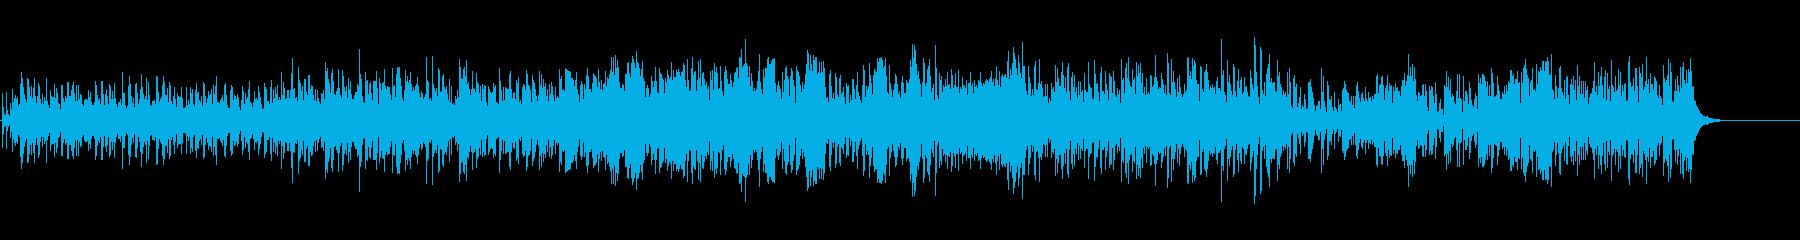 南国のゆるいBGMの再生済みの波形